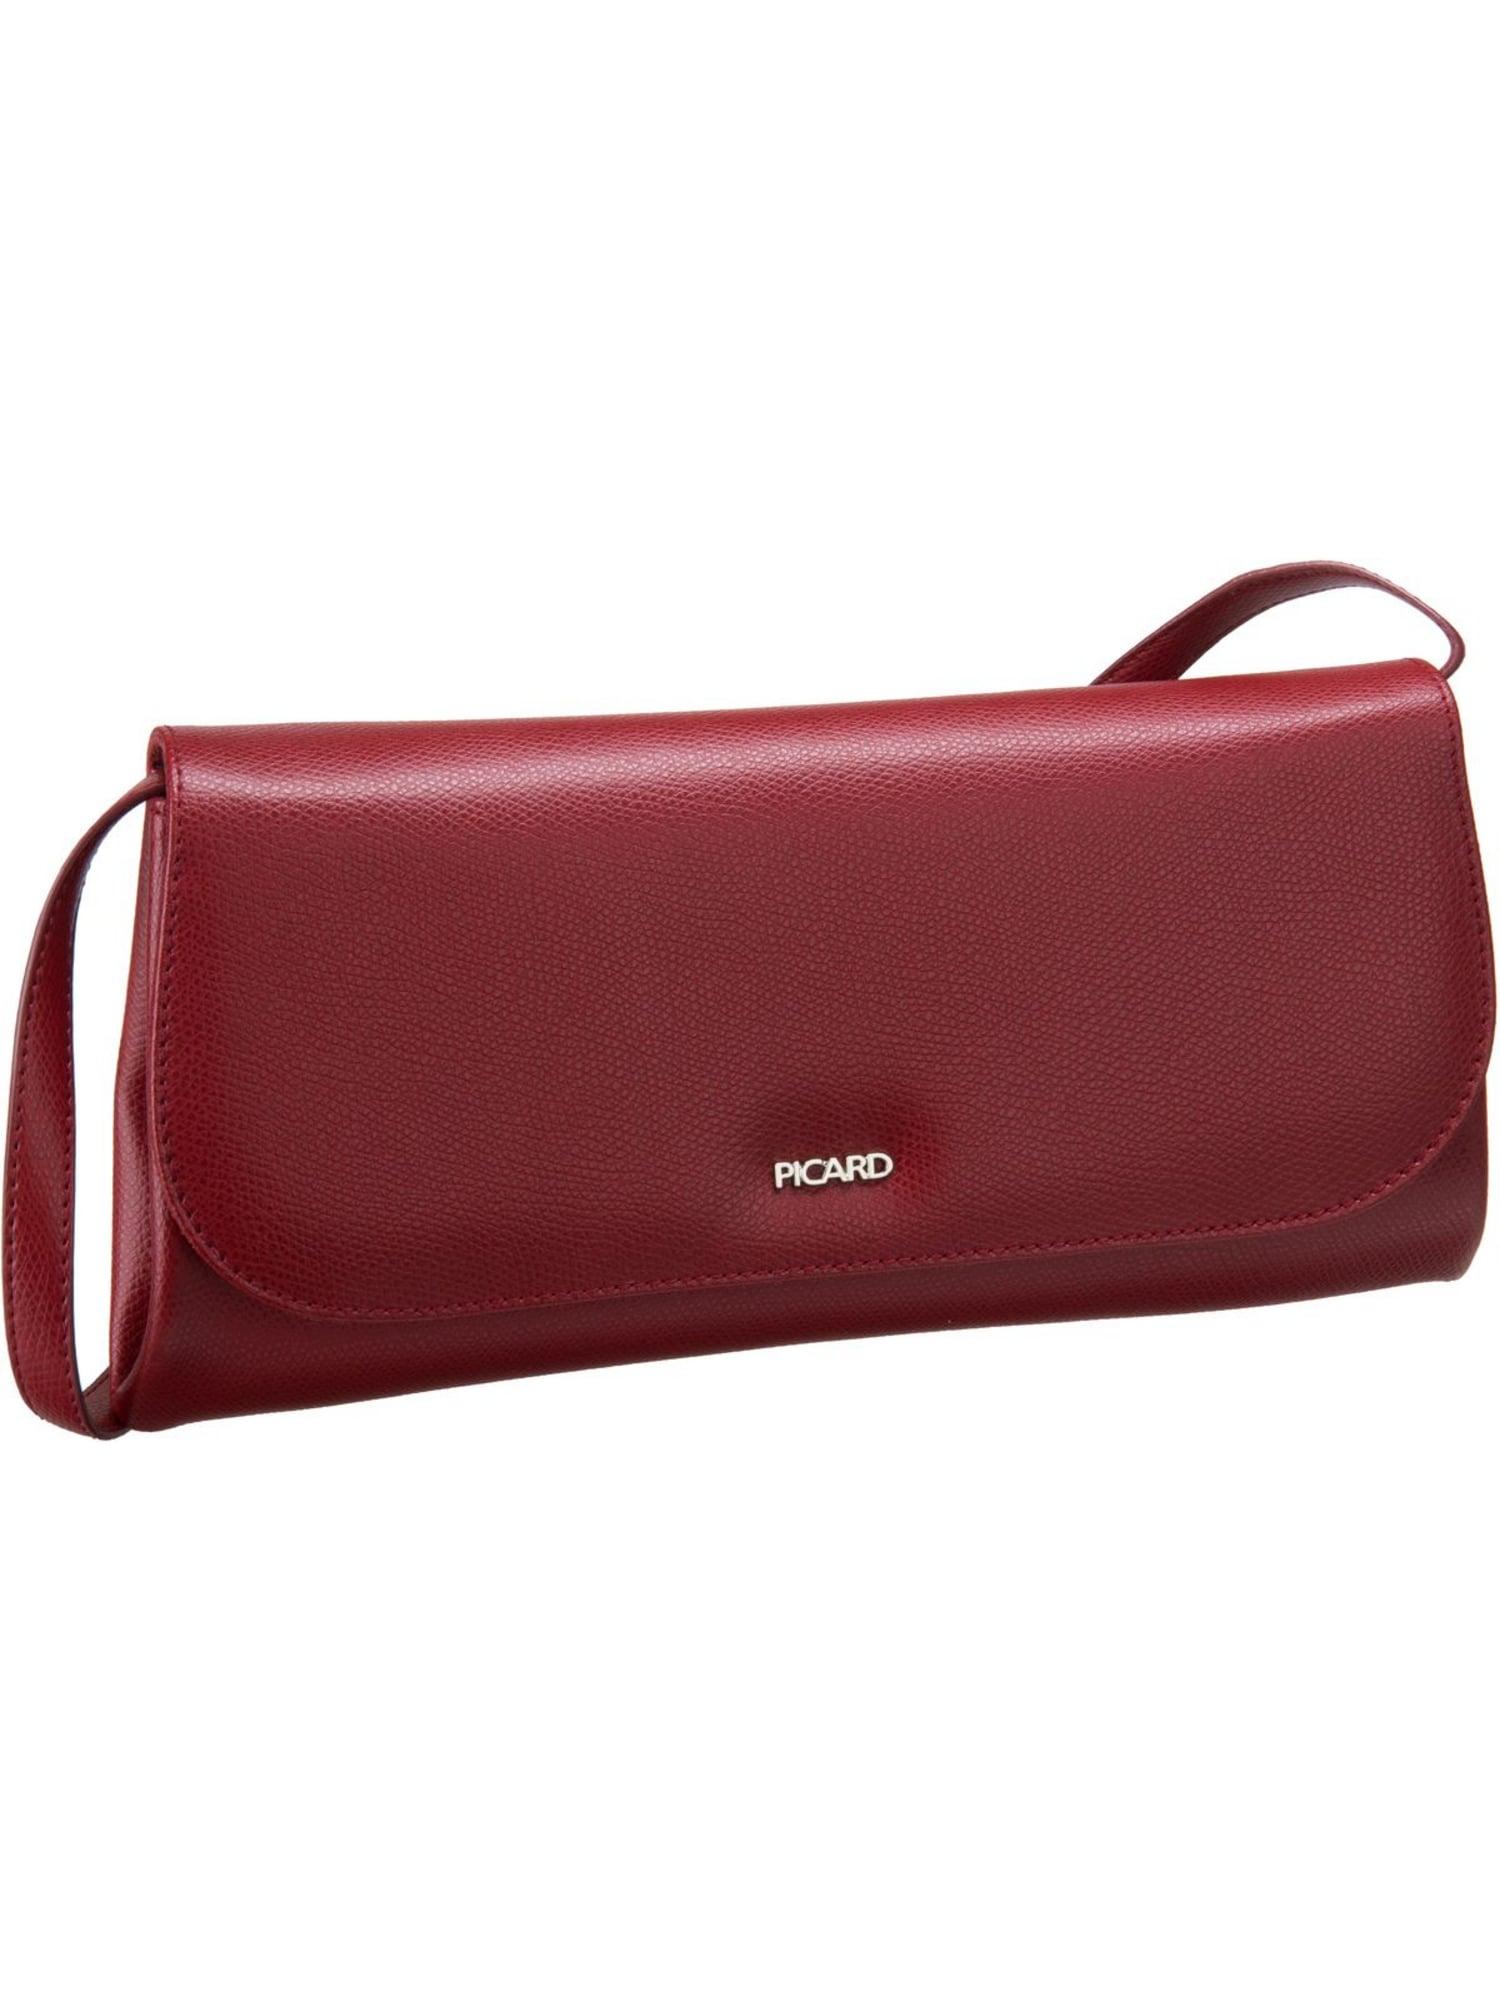 Abendtasche & Clutch 'Berlin' | Taschen > Handtaschen > Abendtaschen | Rot | Picard